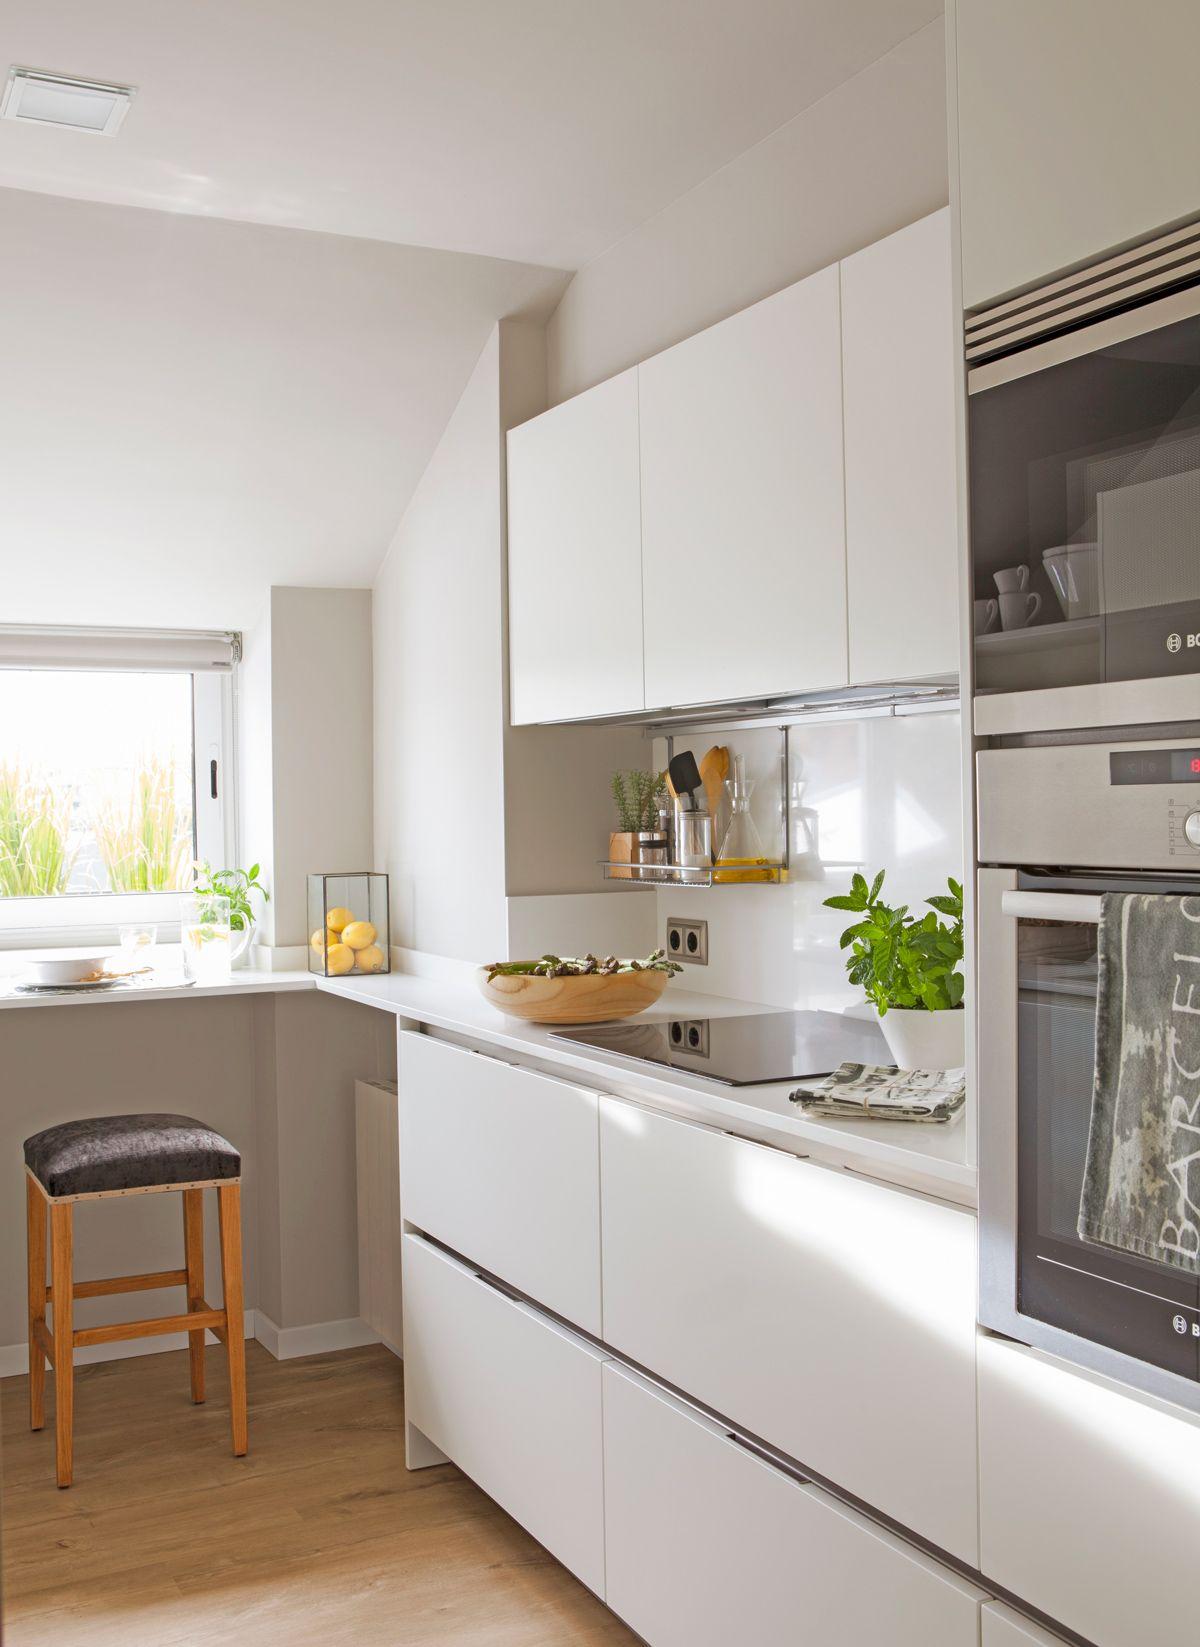 Cocinas Pequenas Con Muebles Blancos.Solo Un Frente De Armarios En 2019 Cocinas Blancas